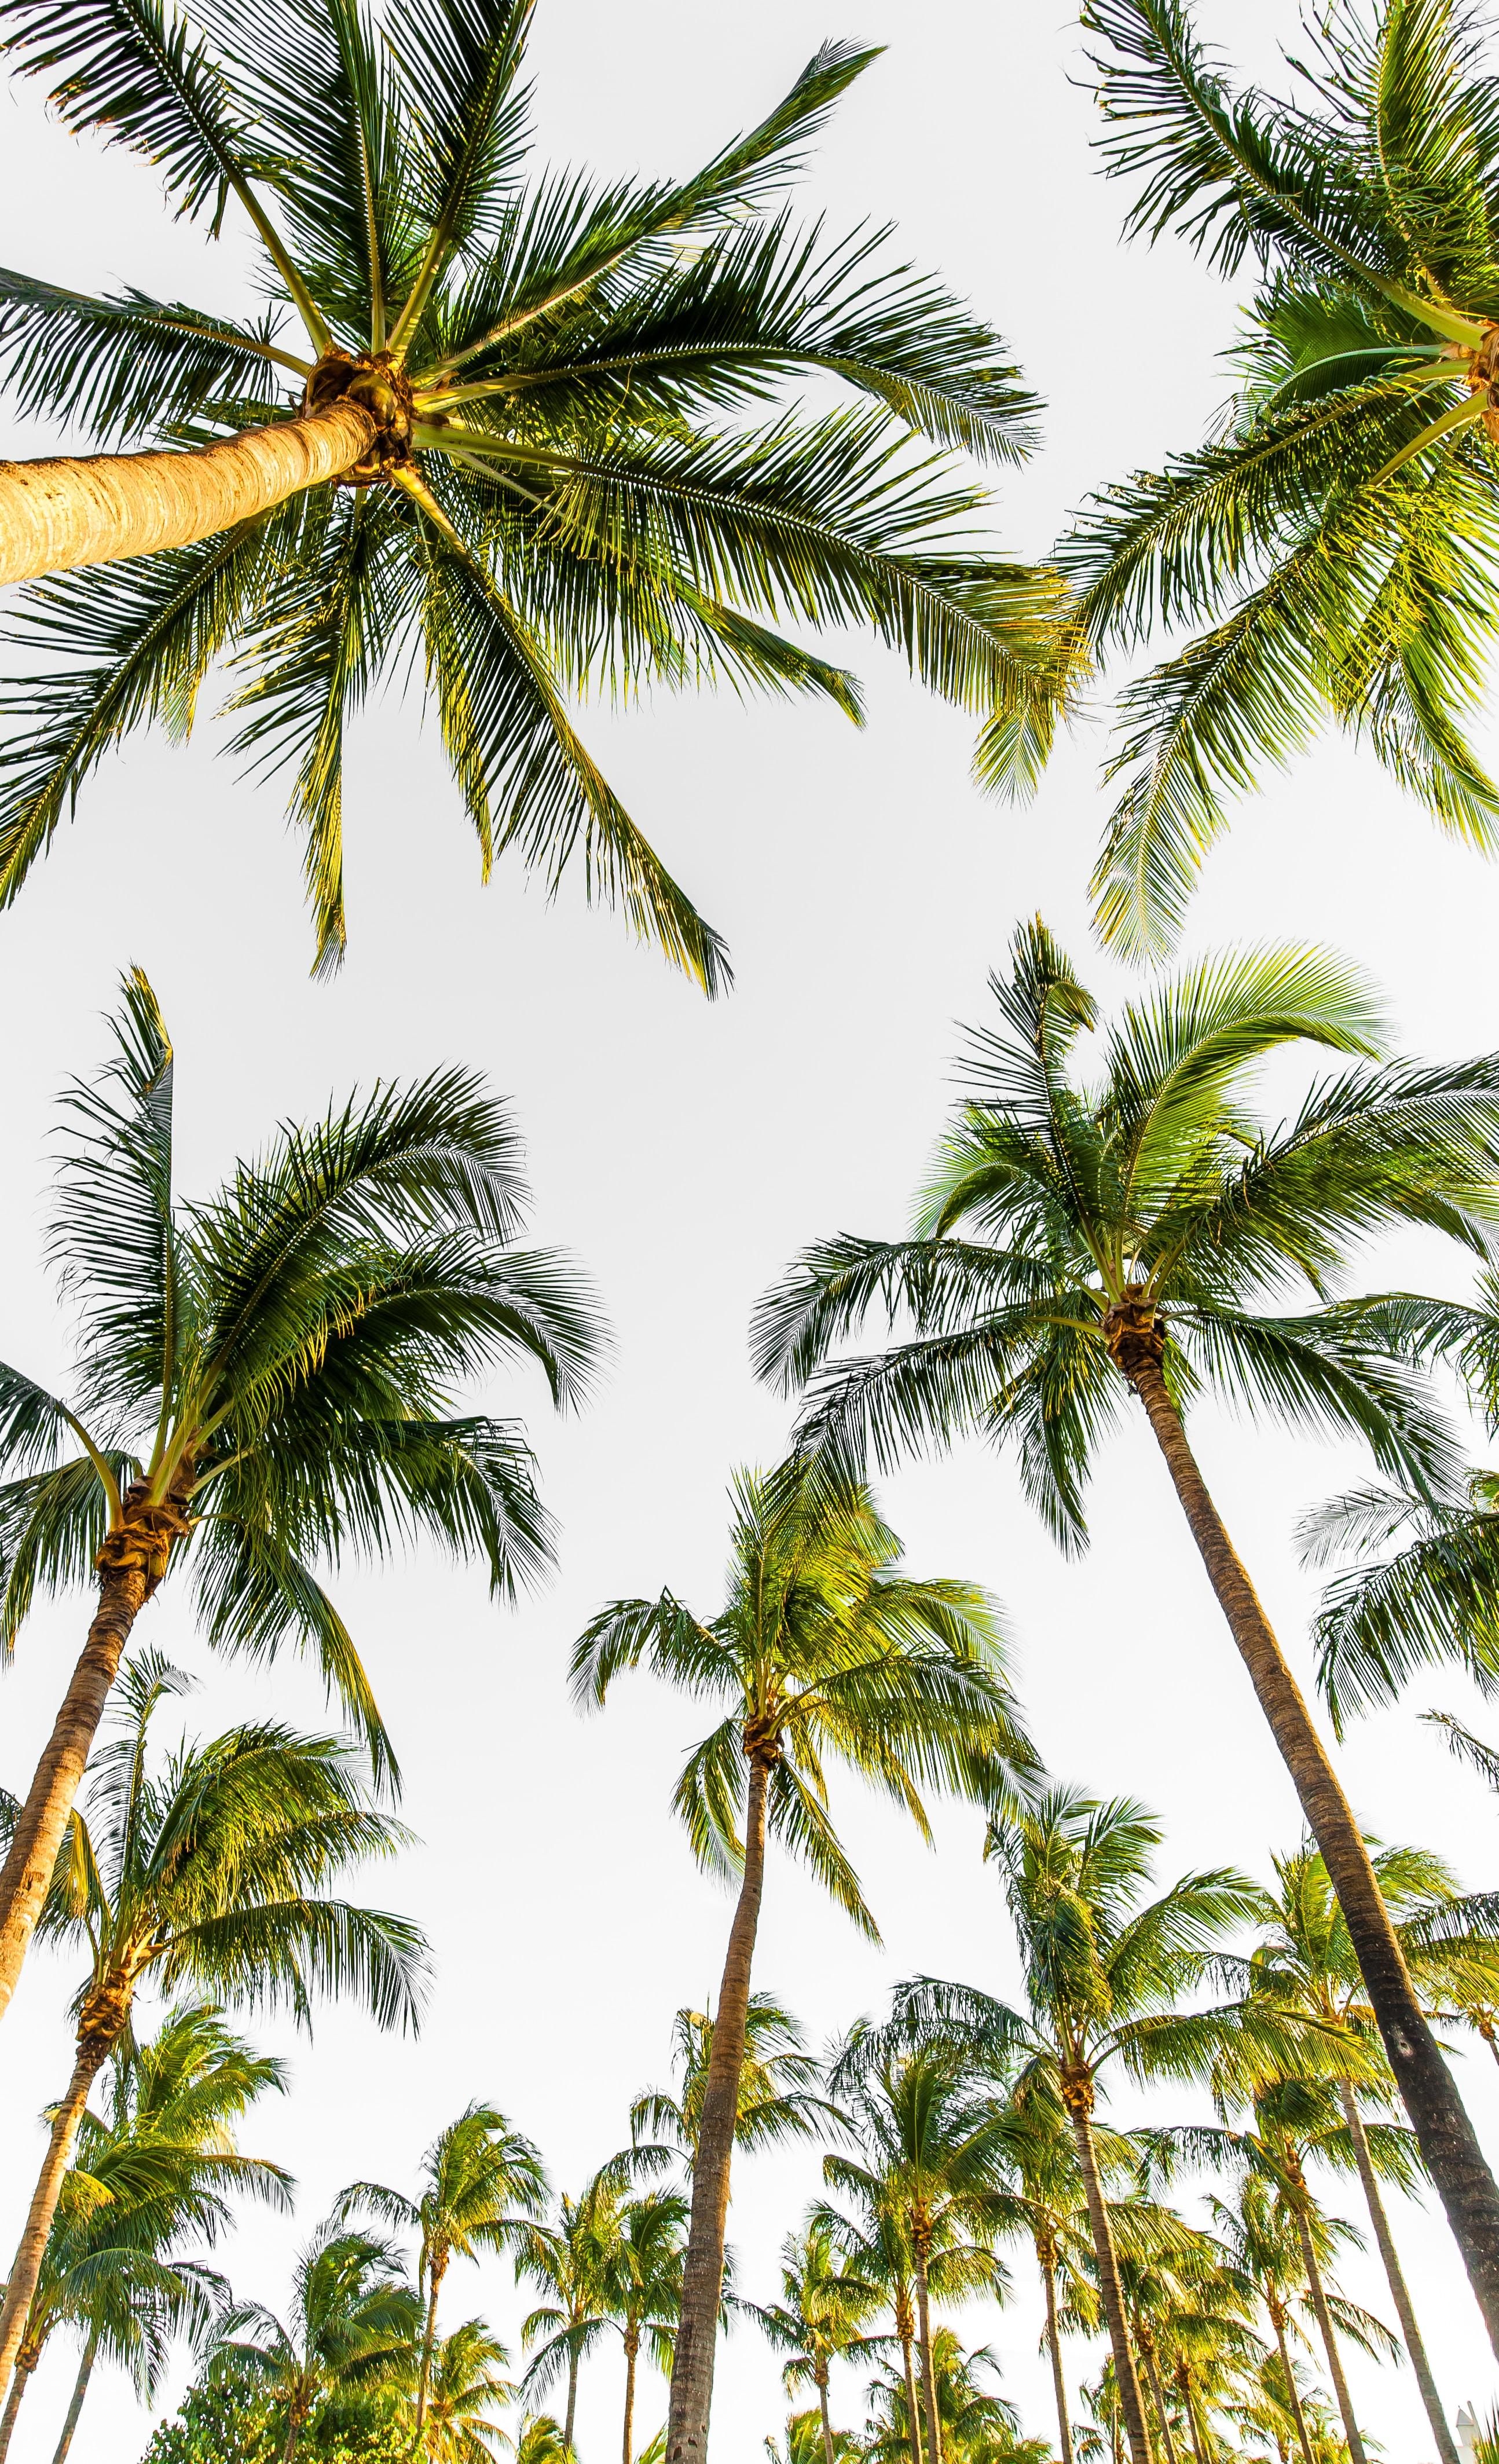 113350 скачать обои Природа, Деревья, Небо, Пальмы, Тропический, Верхушки - заставки и картинки бесплатно